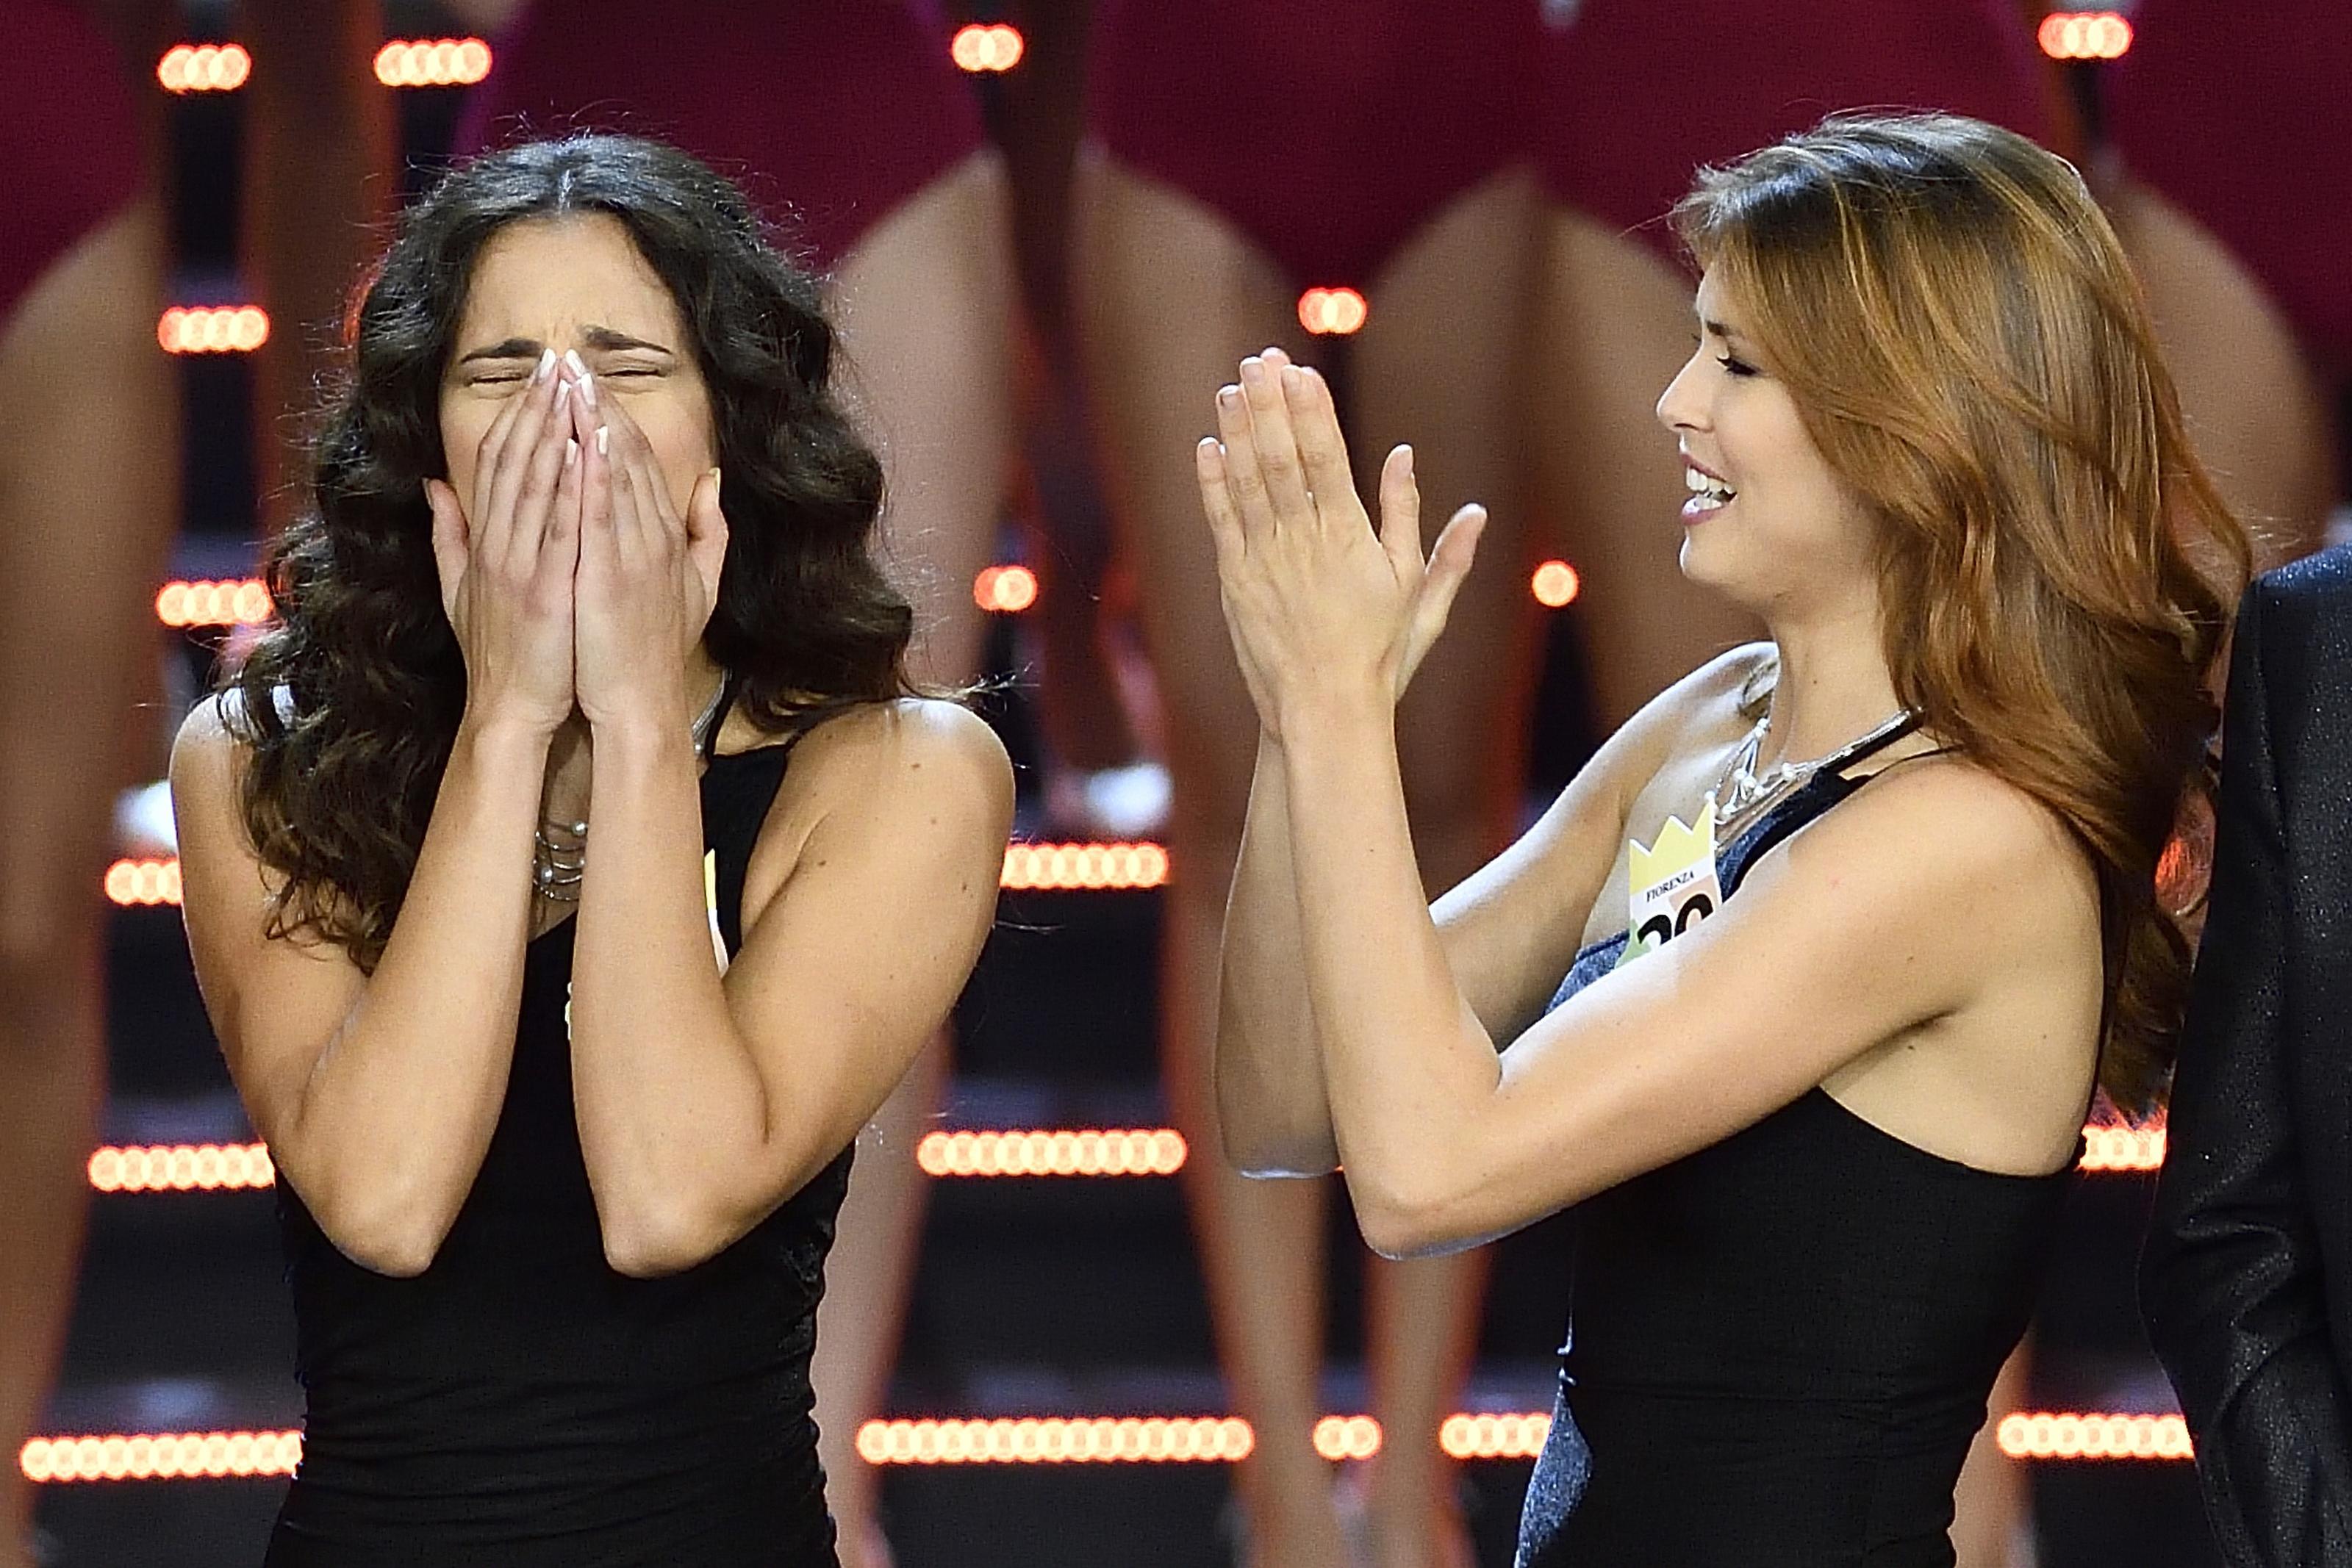 18/09/2018, Milano, finale di Miss Italia 2018. Nella foto, a sinistra, Carlotta Maggiorana, Miss Italia...